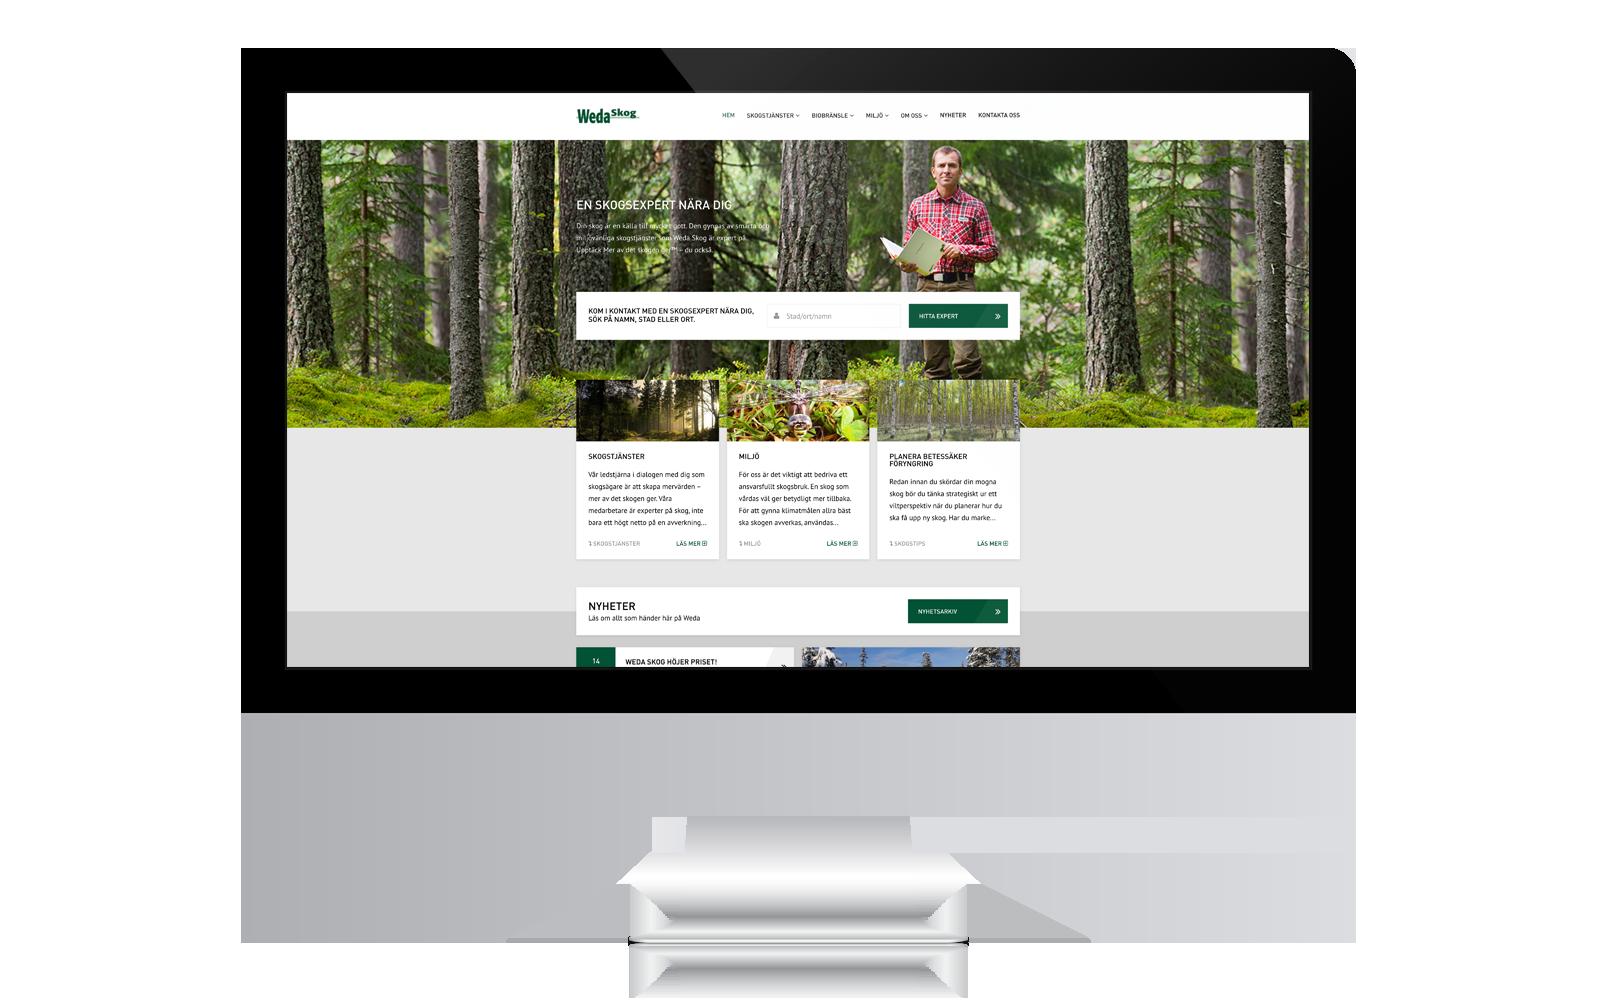 Ny webb till Weda Skog gjord av Panang Kommunikation i Falun, Dalarna